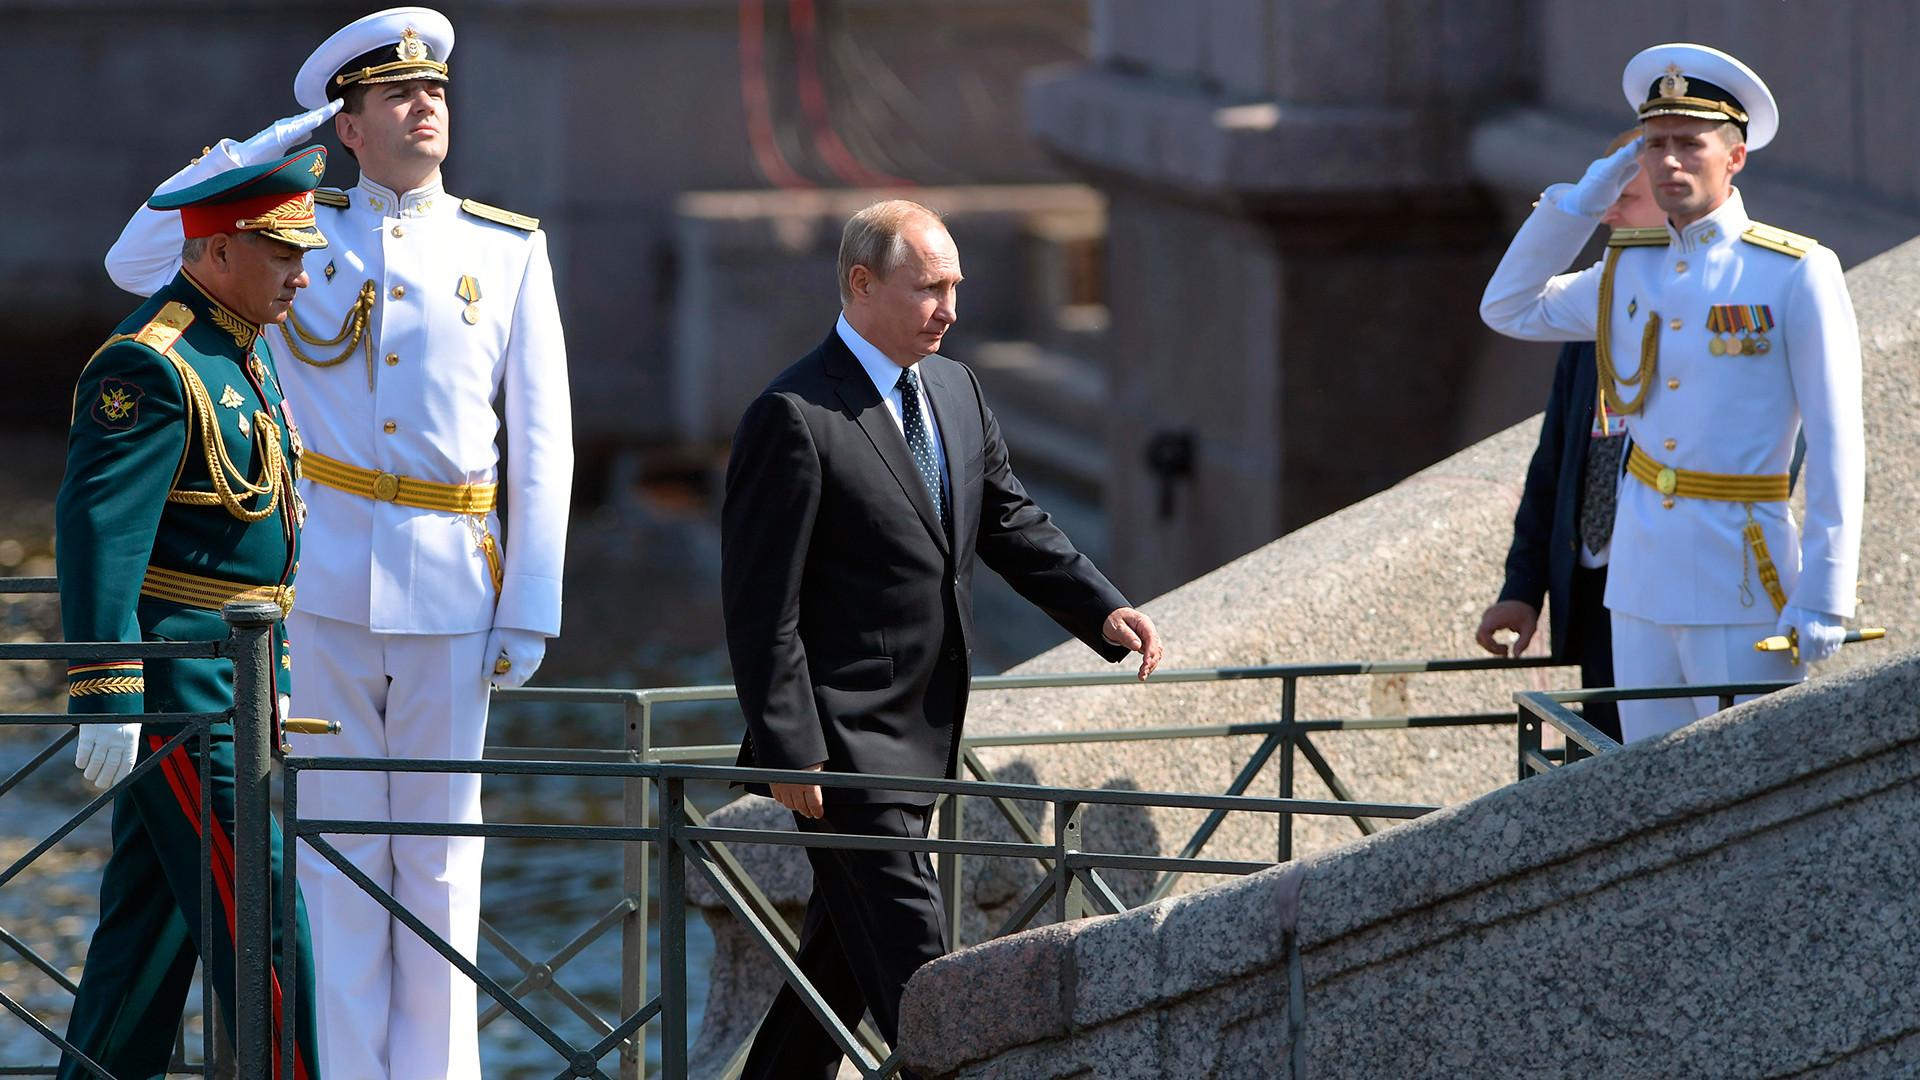 Ruski predsednik med obiskom pomorske parade v Sankt Peterburgu